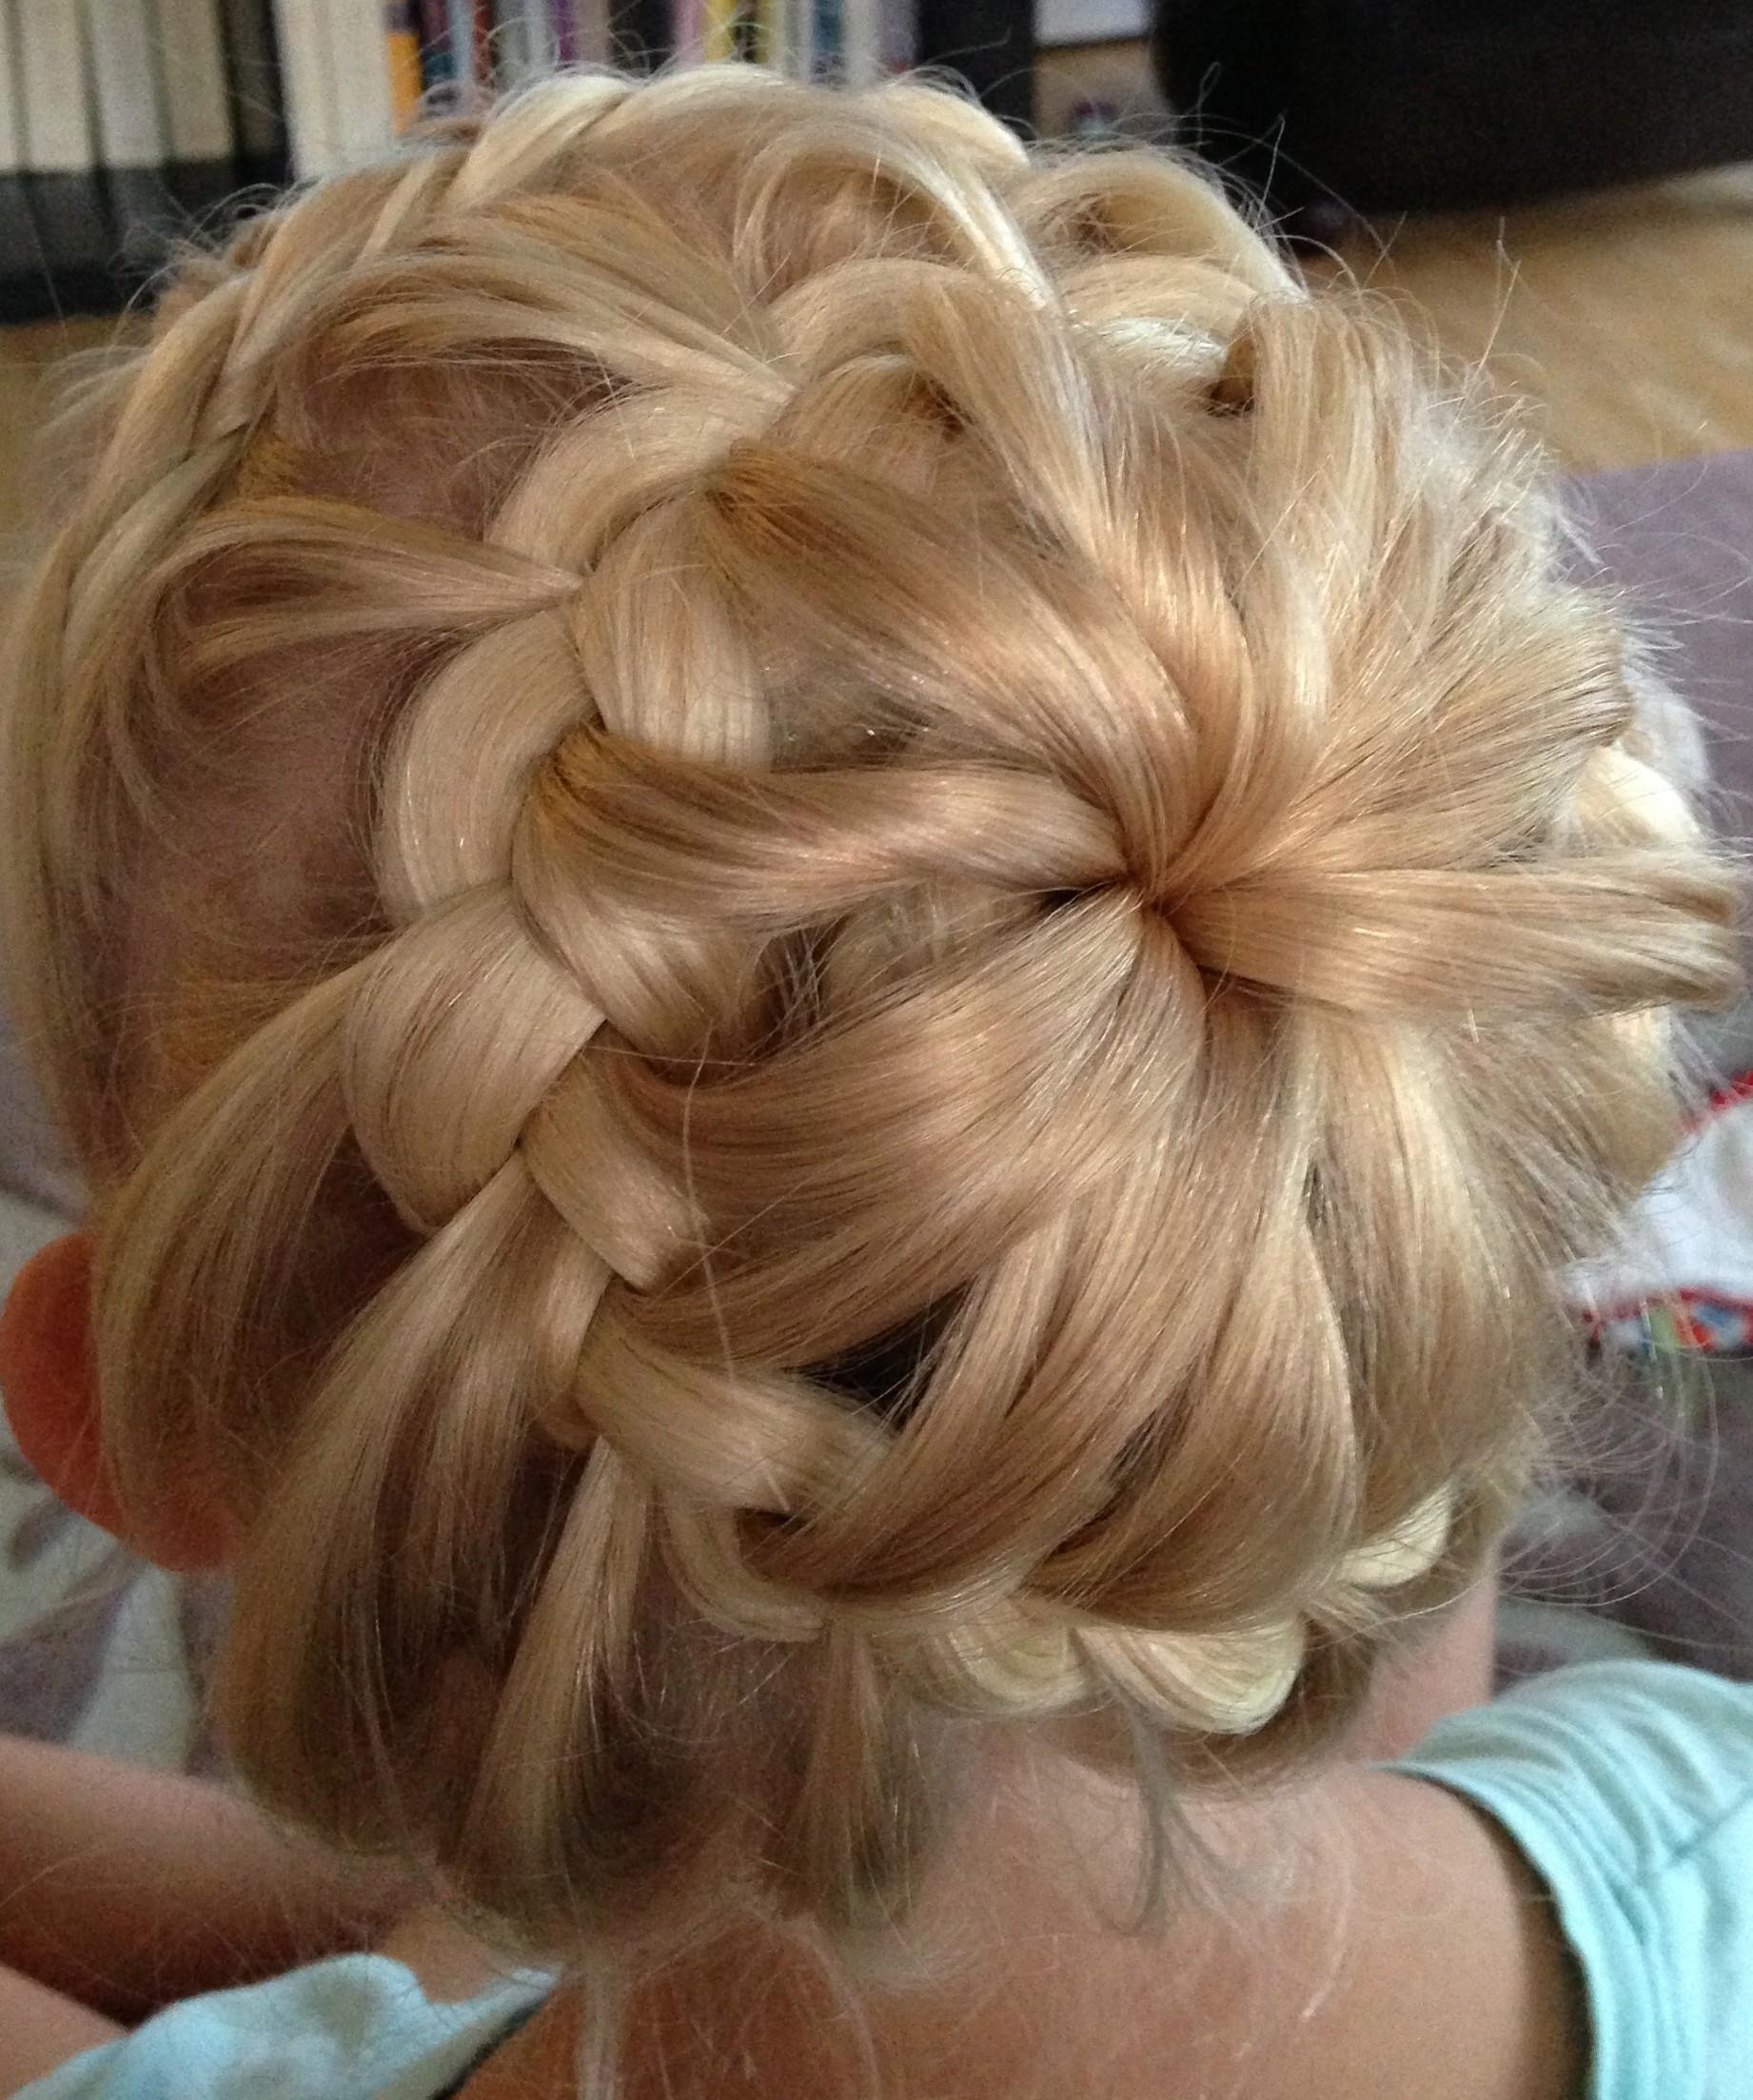 hair buns with braids